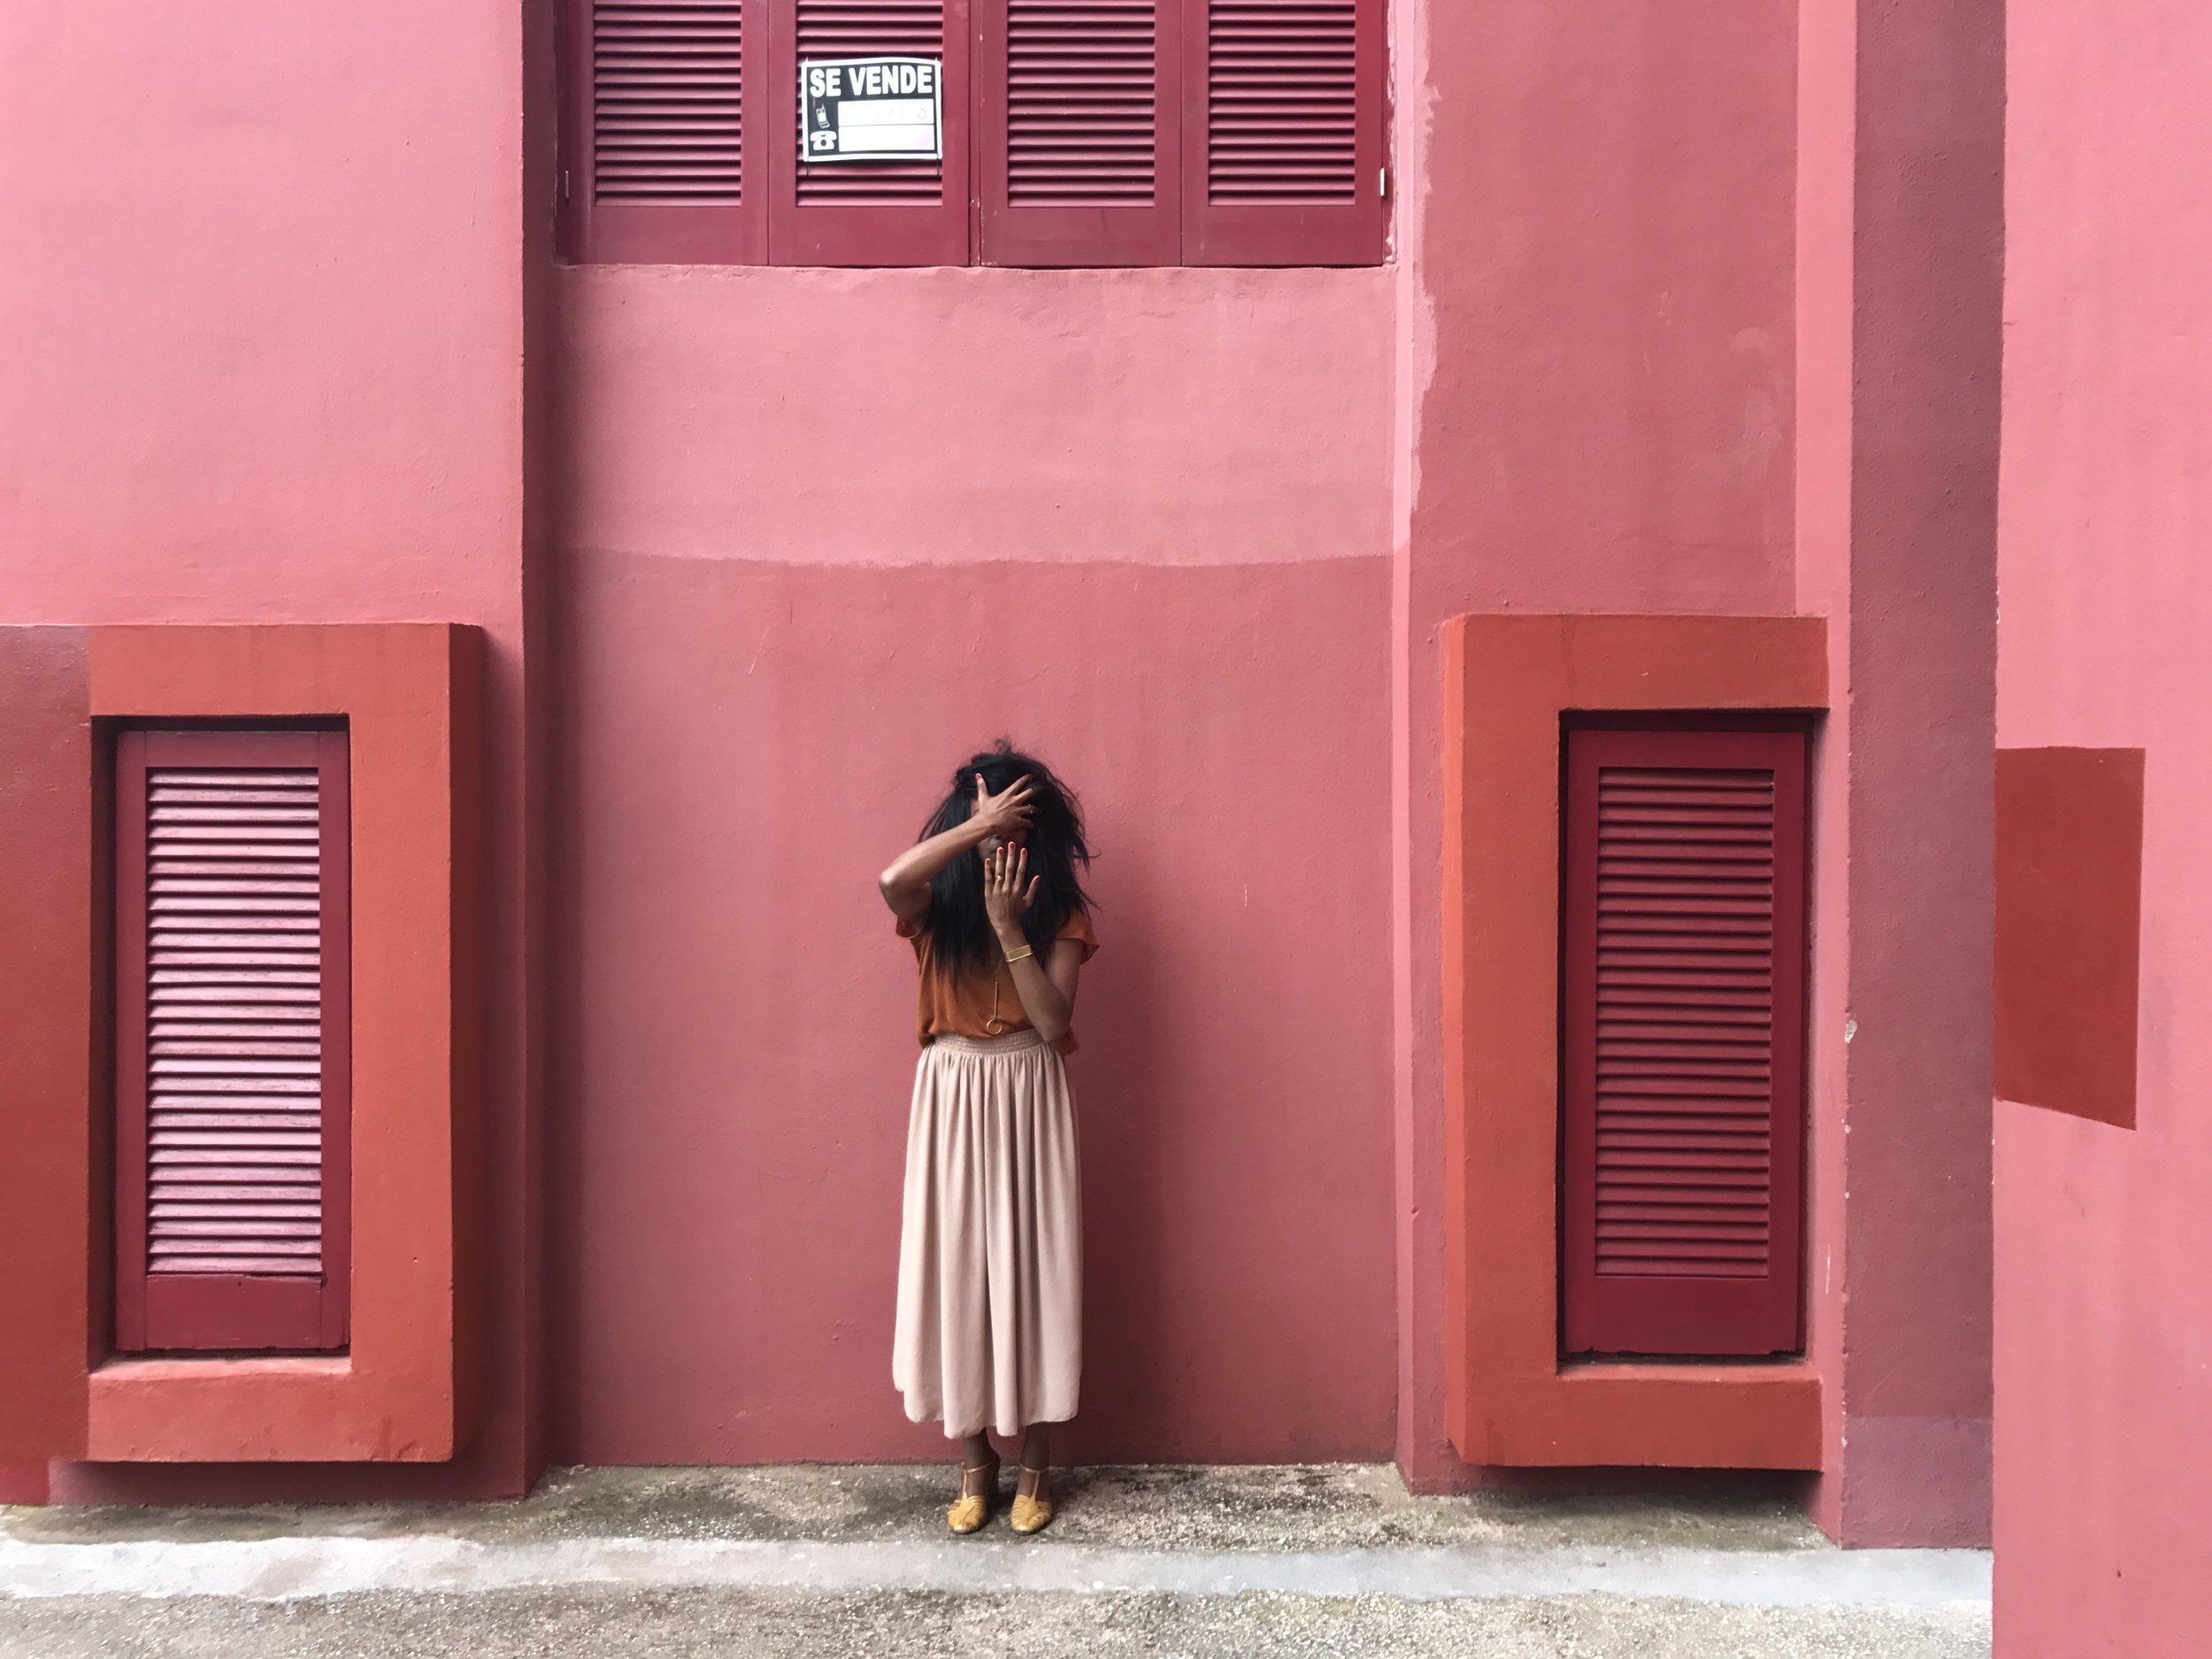 PHOTO BY ANNA-ALEXIA BASILE